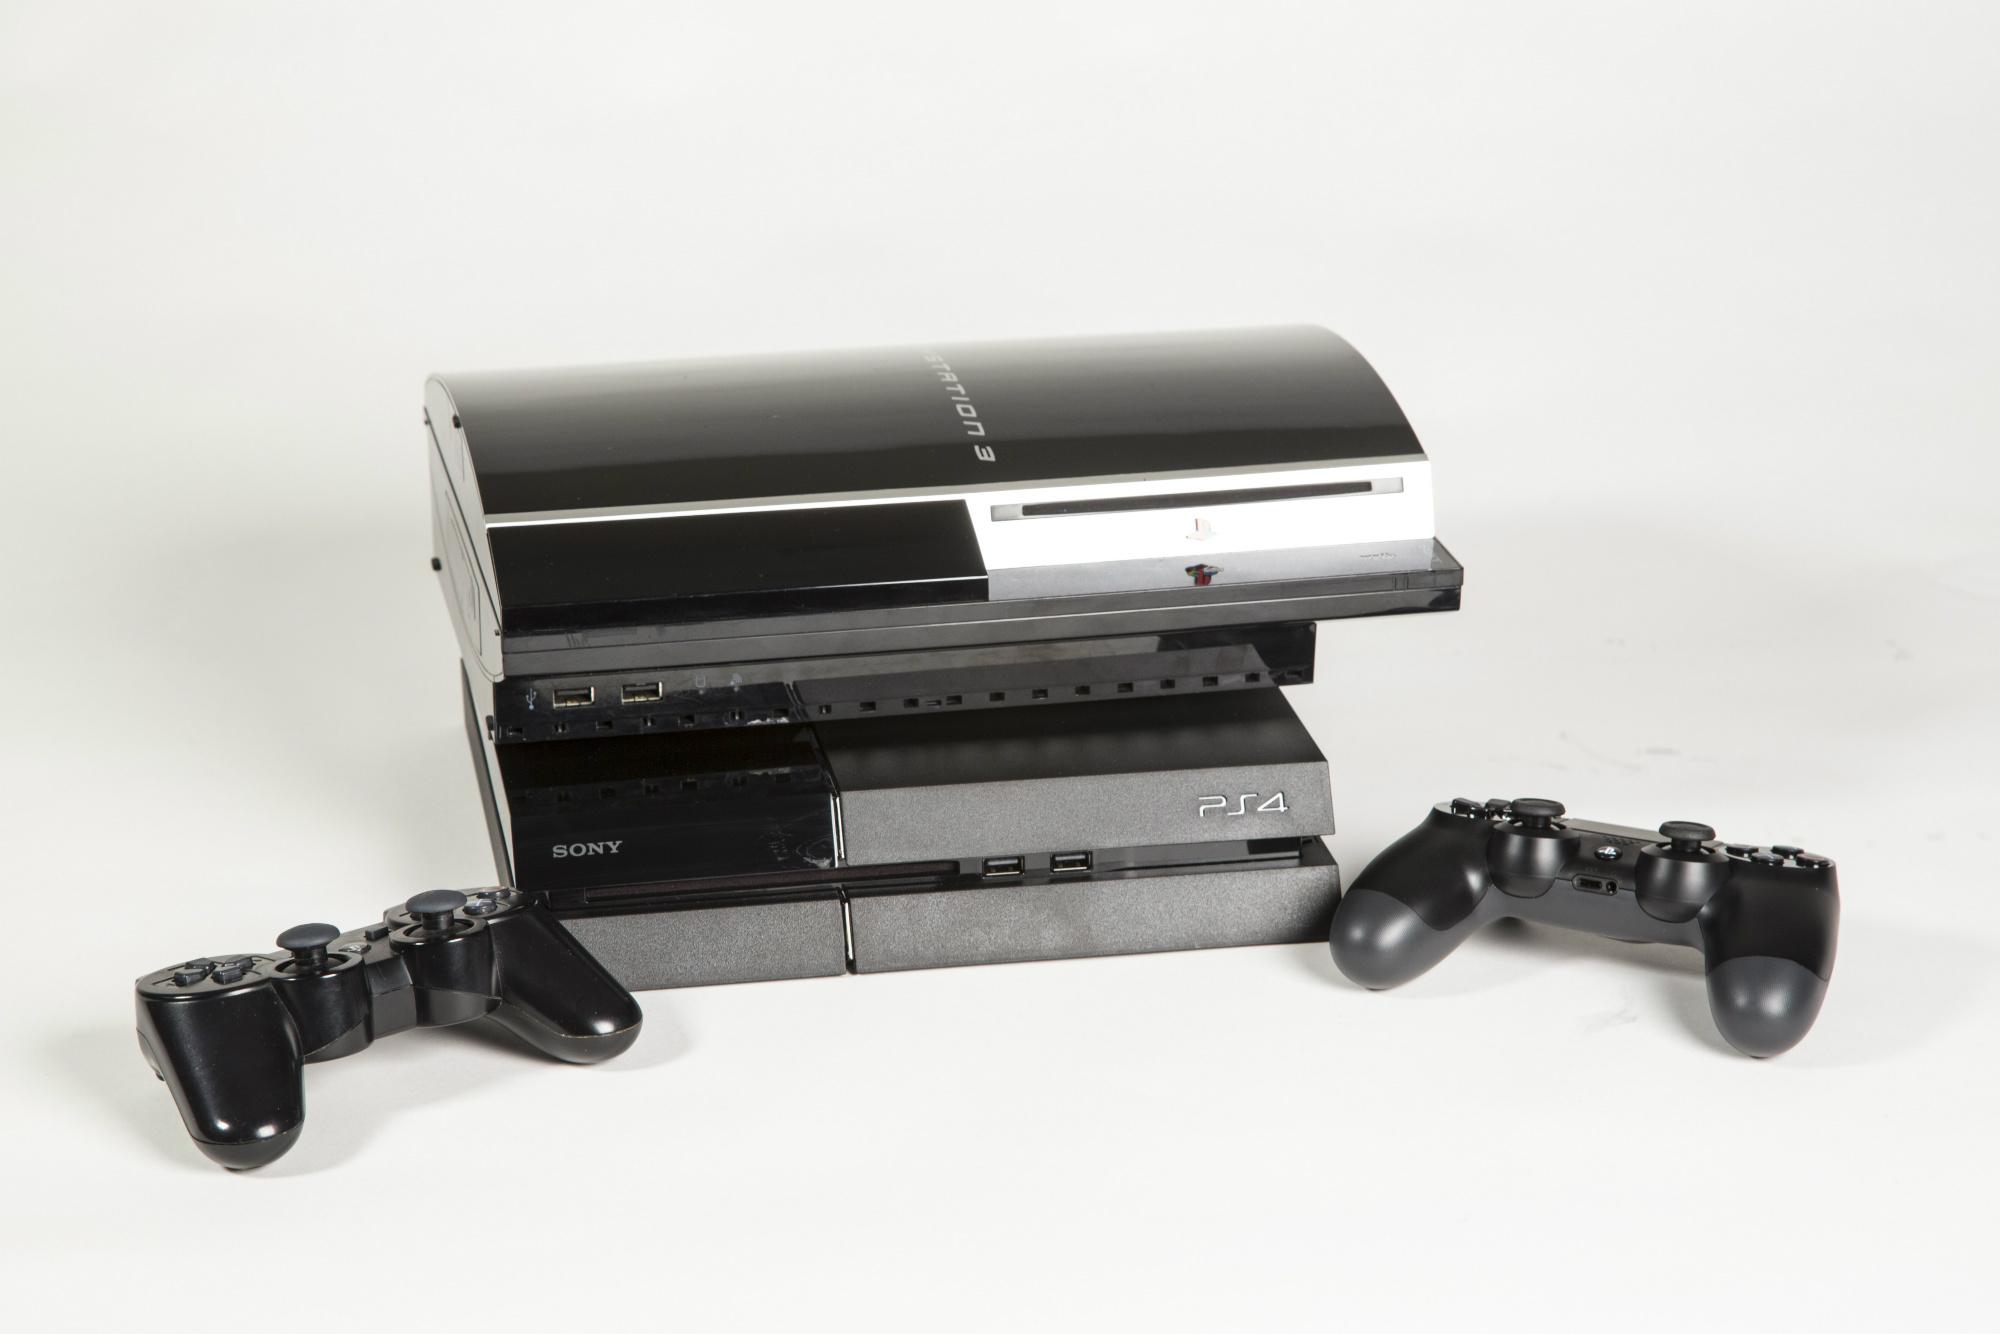 De PS3 op de PS4